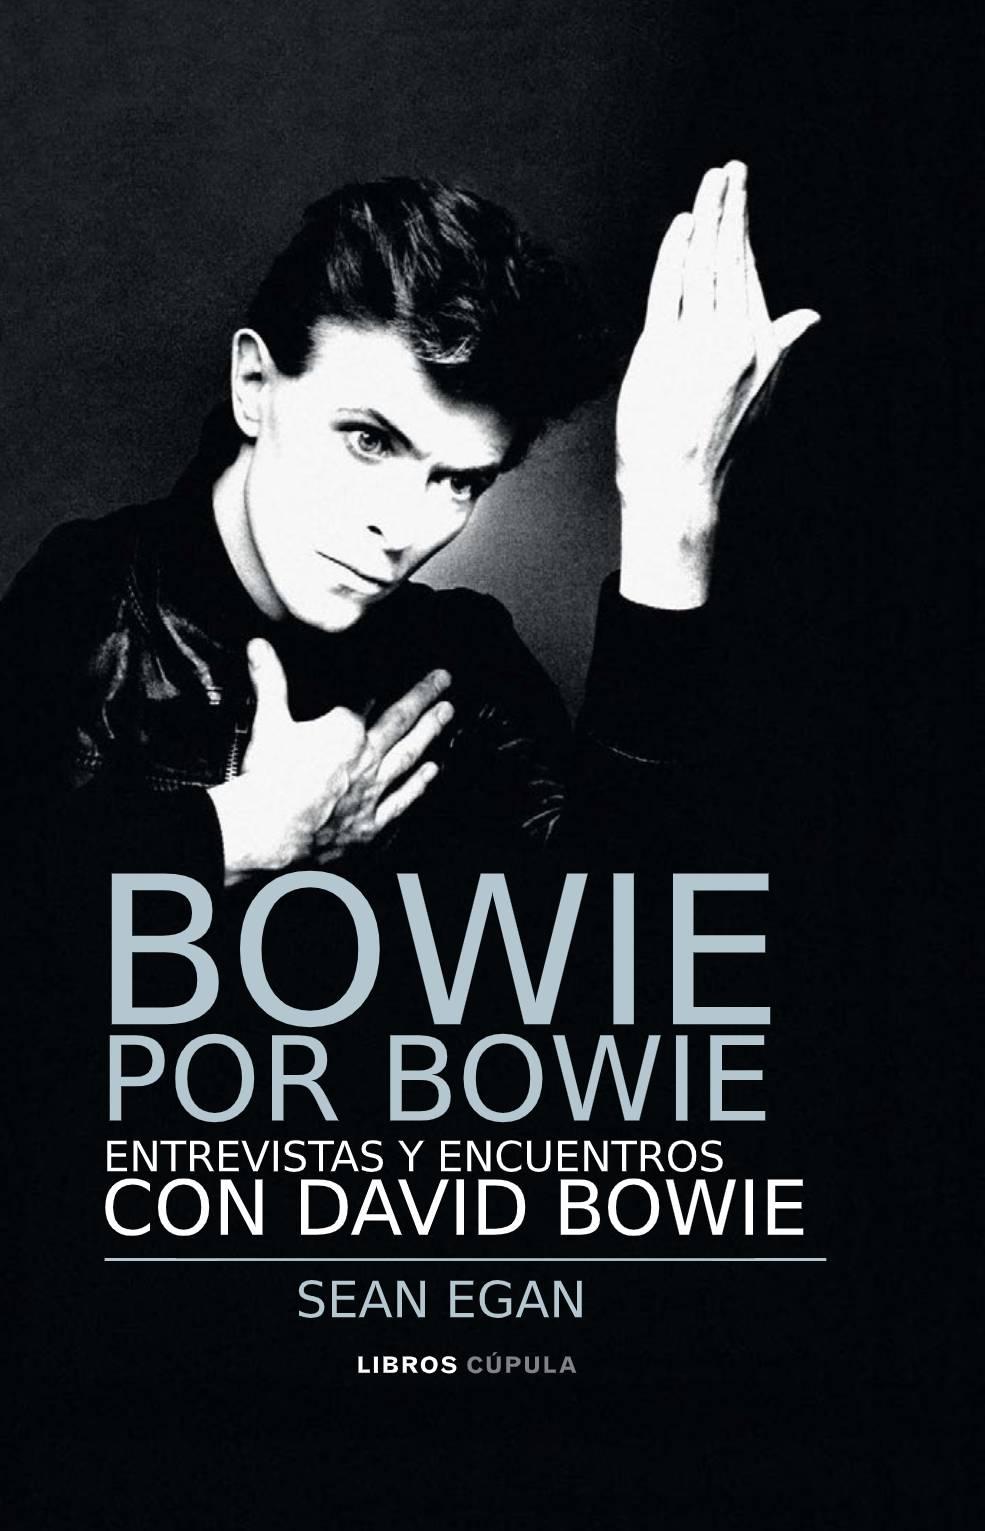 """Bowie por Bowie o cómo un músico fue mil músicos a la vez<span class=""""wtr-time-wrap after-title""""><span class=""""wtr-time-number"""">7</span> minutos de lectura</span>"""